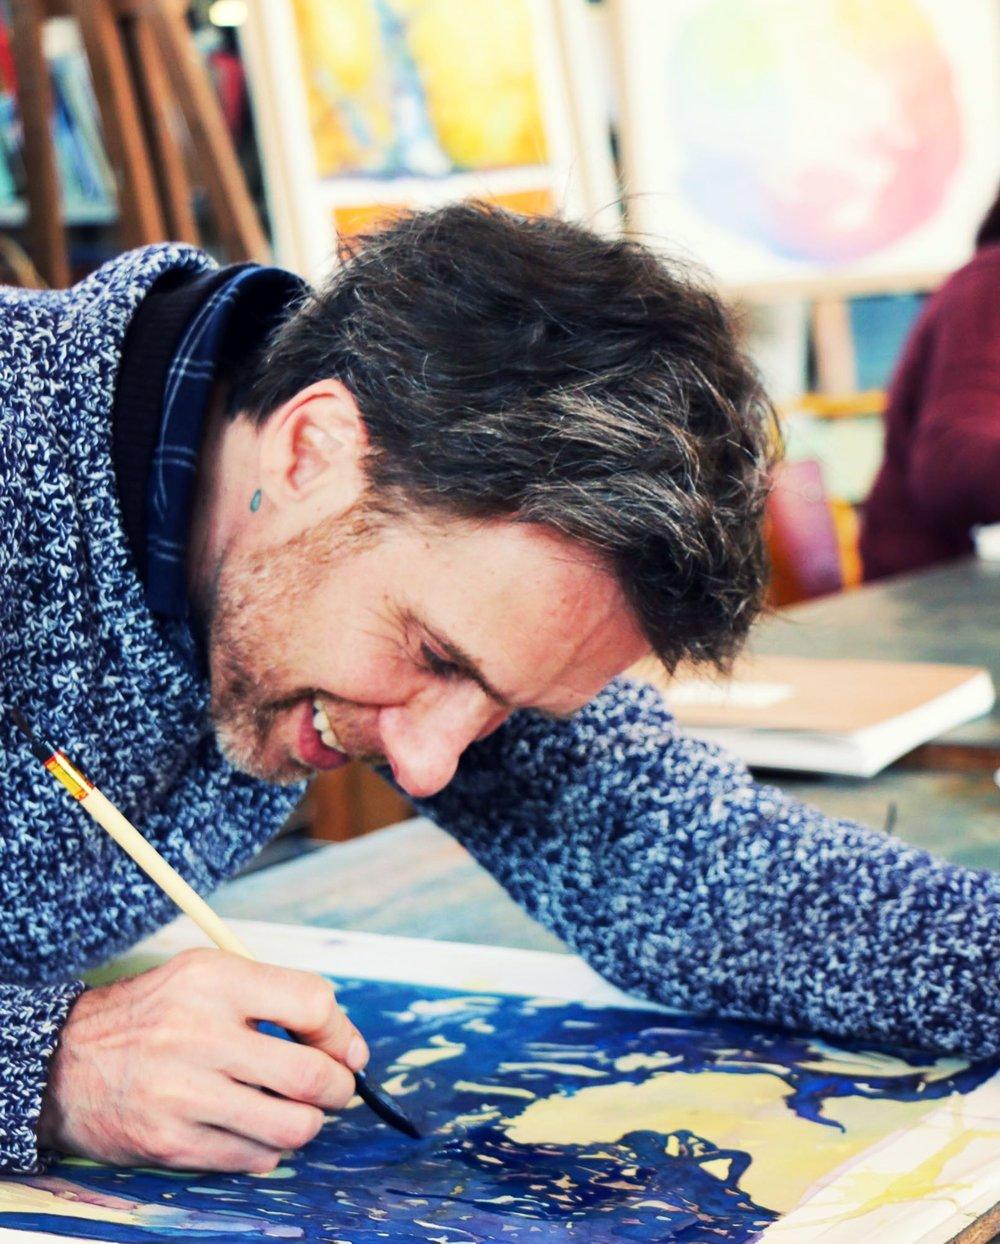 James della Negra - Formé à l'école de peinture «Assenza» à Dornach (Suisse), James della Negra a collaboré dans différents ateliers, celui de Charles Blockey en Suisse, Didier le Marec à l'Atelier du Coin entre autres. Il a travaillé également dans plusieurs ateliers à Paris et dans le sud de la France notamment àAlès où il a été co-fondateur de l'espace d'art : Vues d'ensemble. Depuis plusieurs années il travaille au Foyer Michaël en tant que co-responsable de la formation générale, et y anime l'atelier peinture.